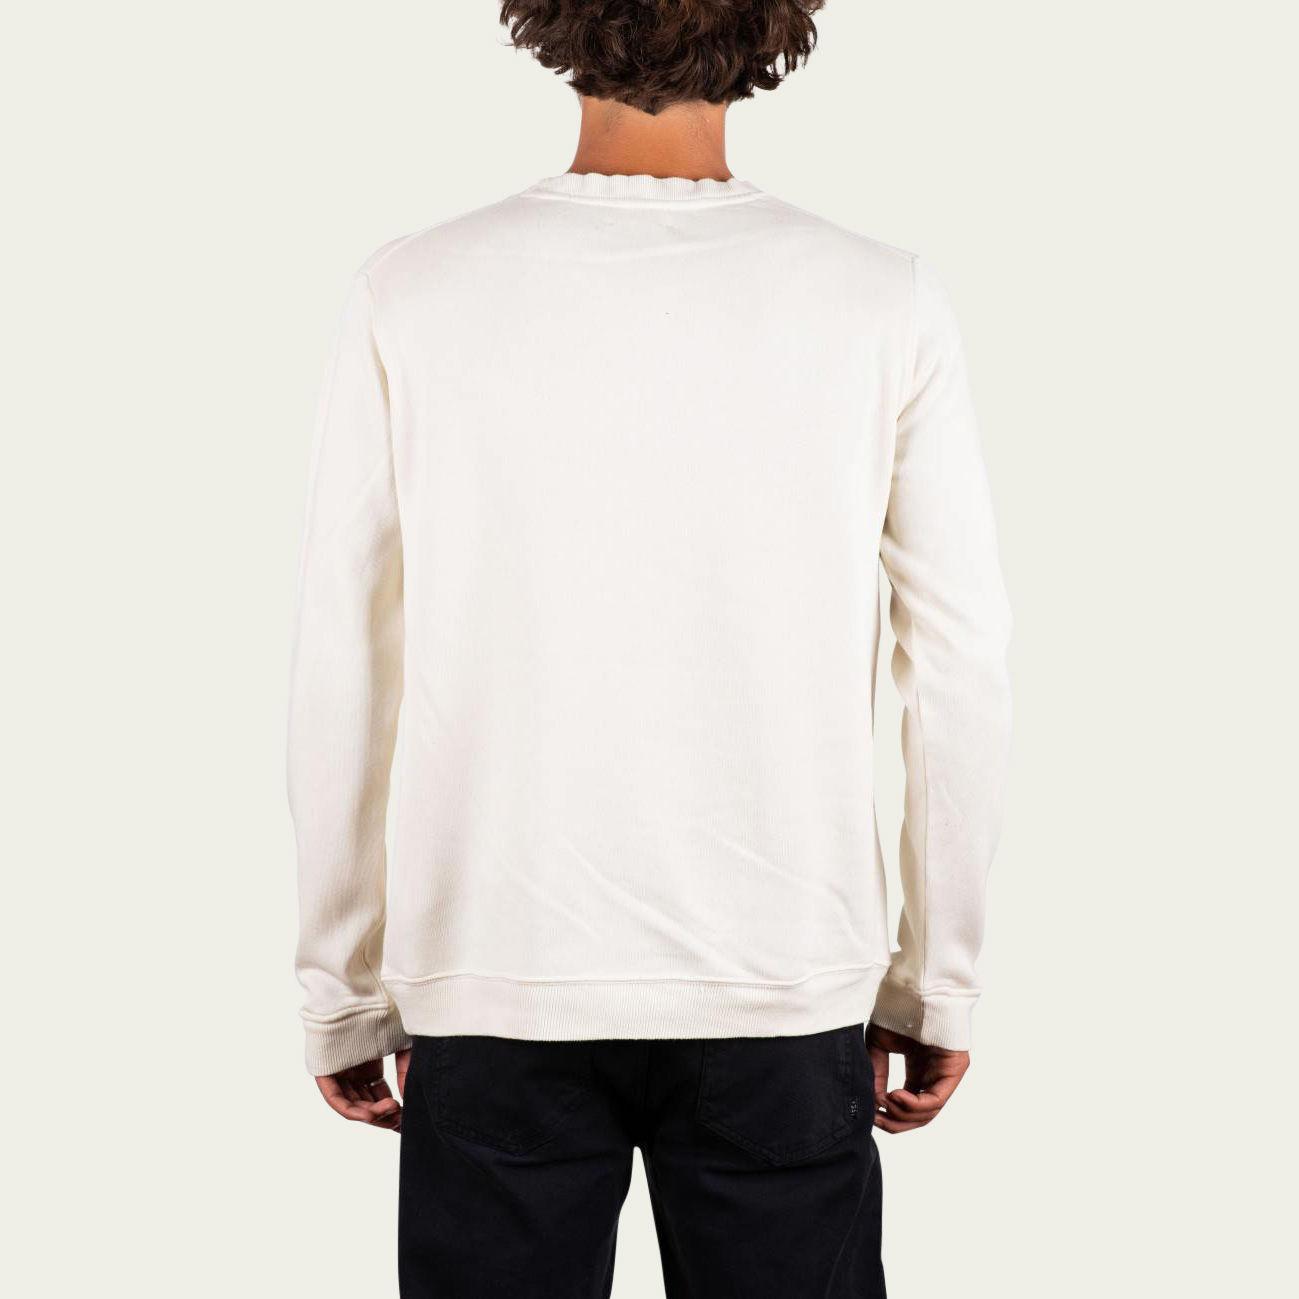 Sand and Yellow +351 Sweatshirt 2